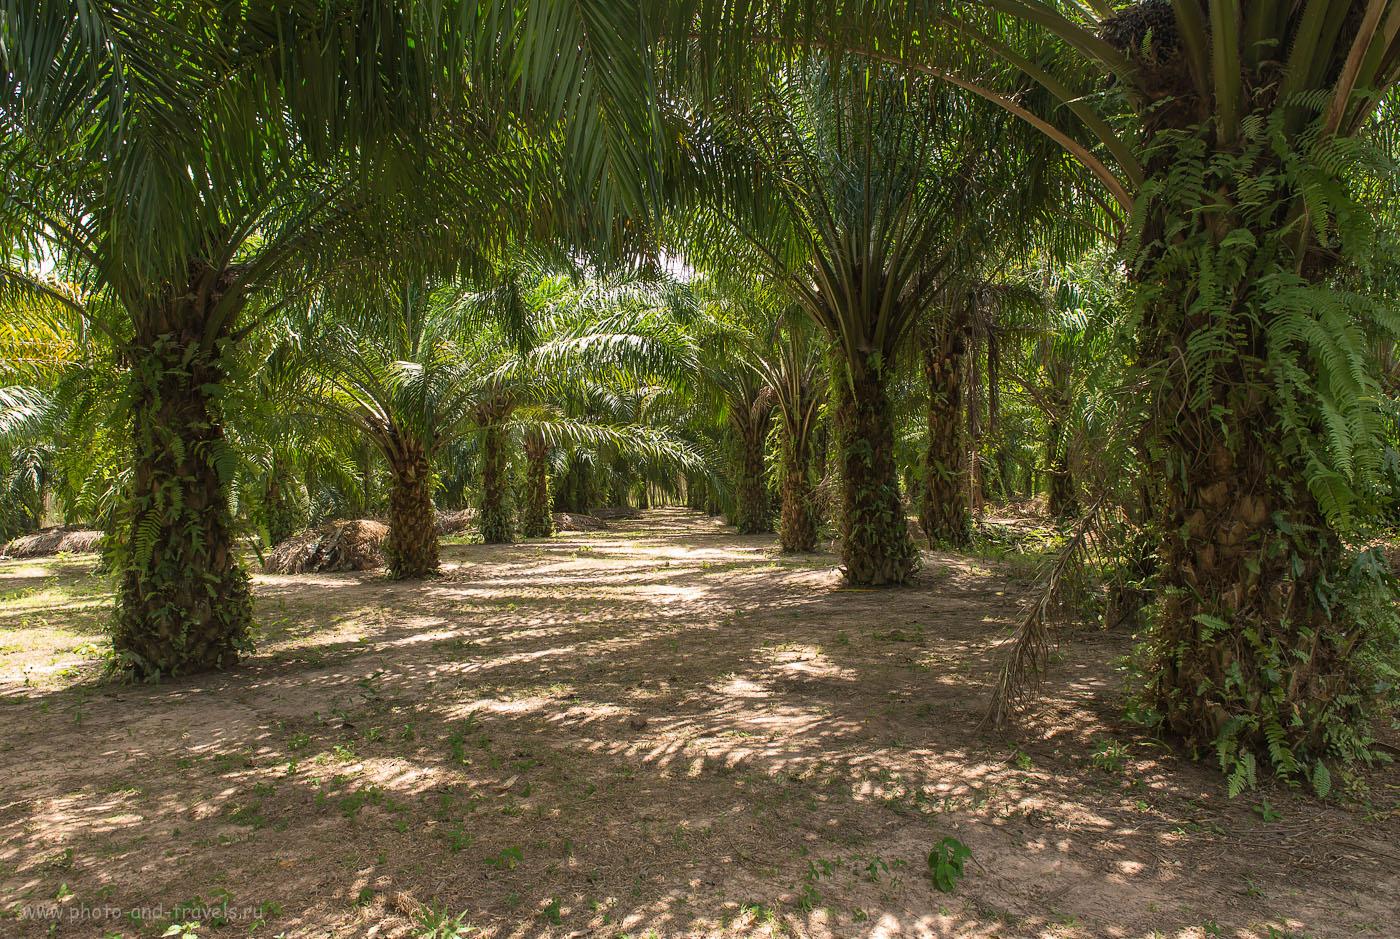 Фото 7. Поездка по Таиланду дикарем. В тени пальмовой рощи. (камера Nikon D610, объектив Nikkor 24-70/2,8, поляризационный фильтр Hoya HD Circular-PL, параметры съемки: ИСО 400, фокусное расстояние 24, дифарагма f/8.0, выдержка 1/50)